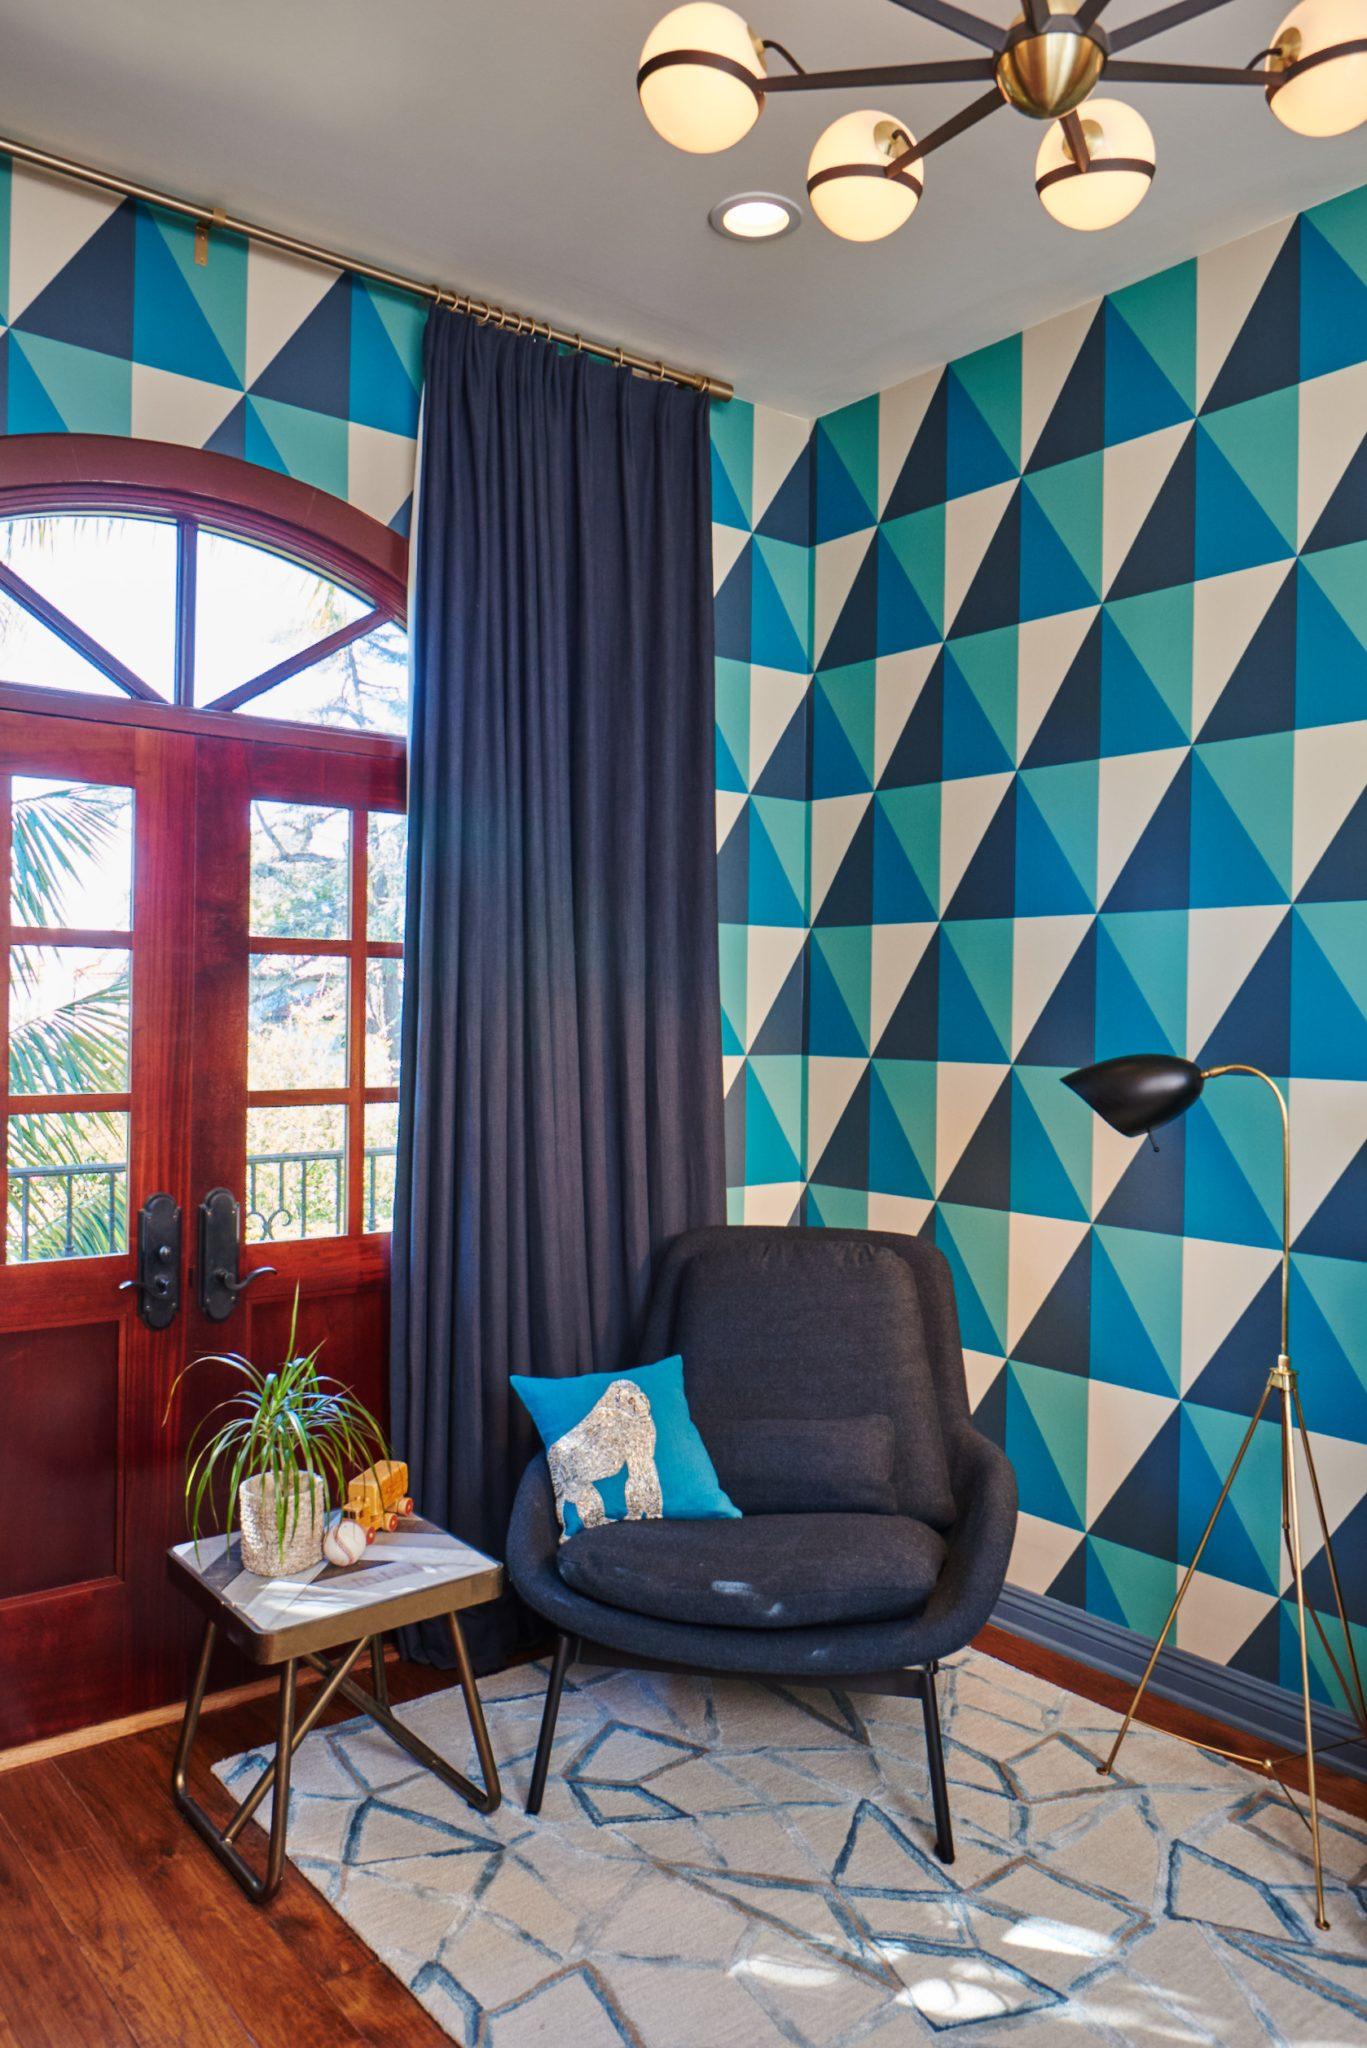 Mãn nhãn với những bộ thảm trải sàn mang họa tiết hình học - Ảnh 5.